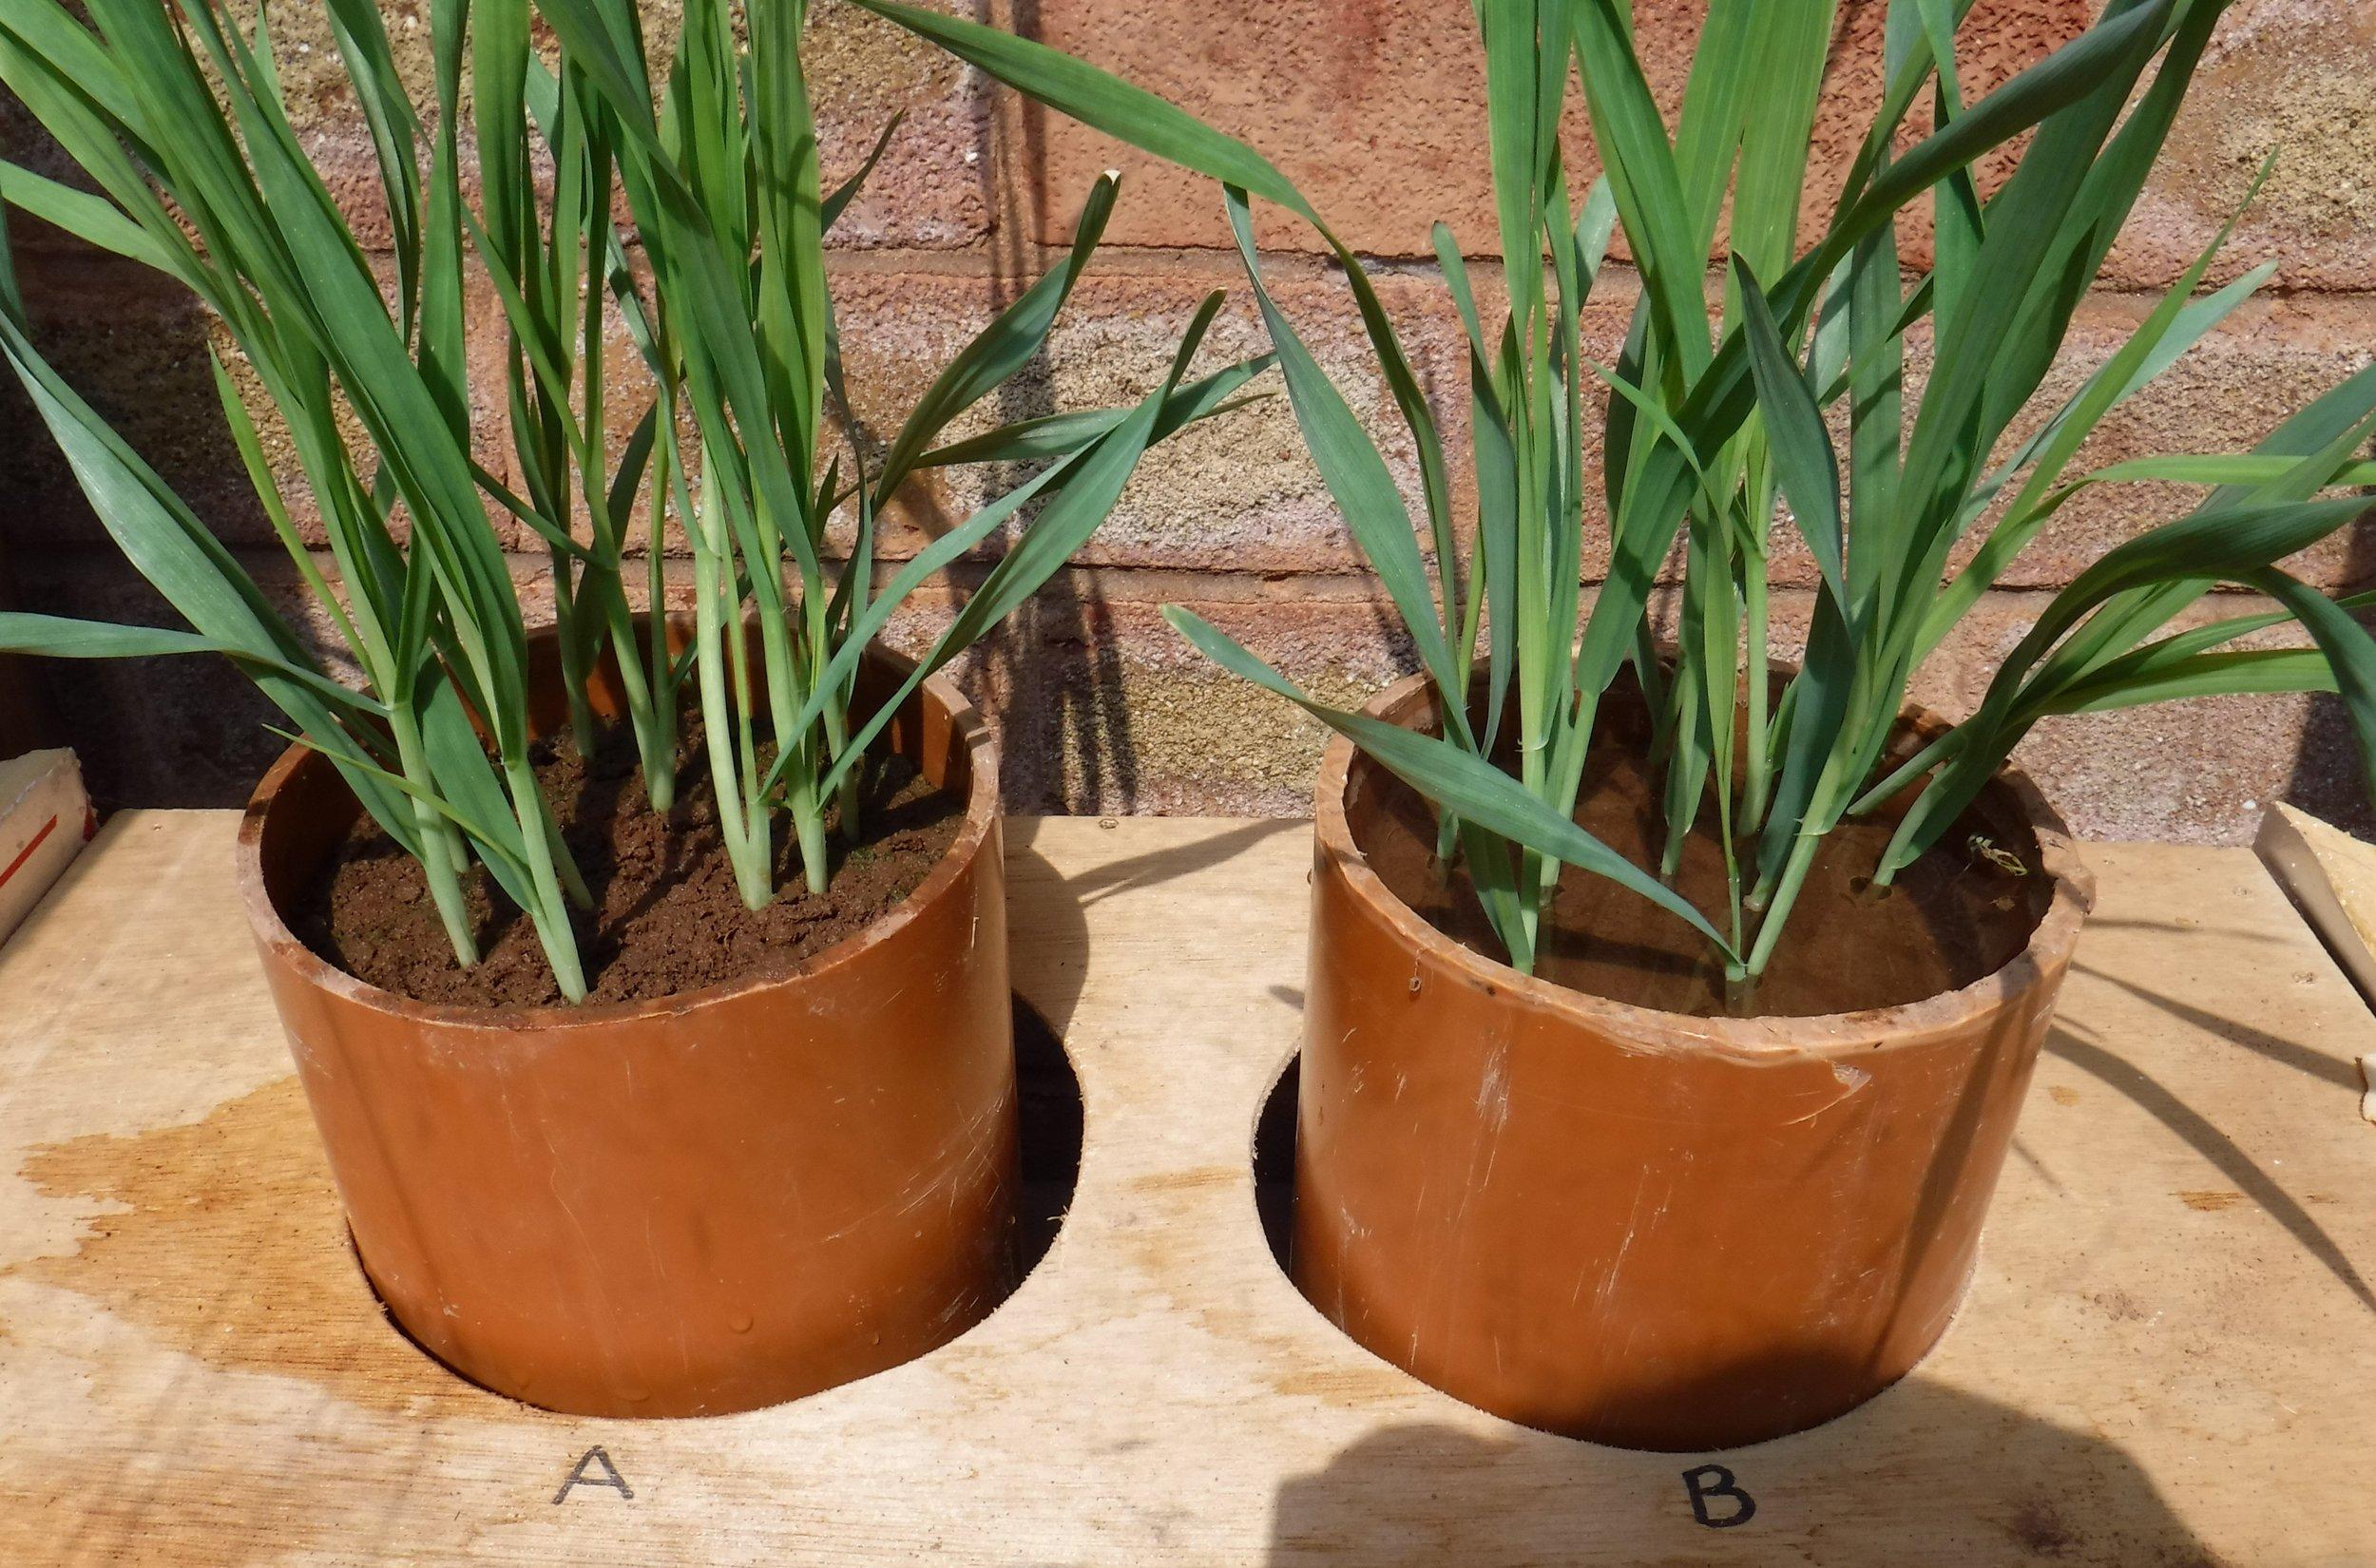 Spring barley growing in soil profiles